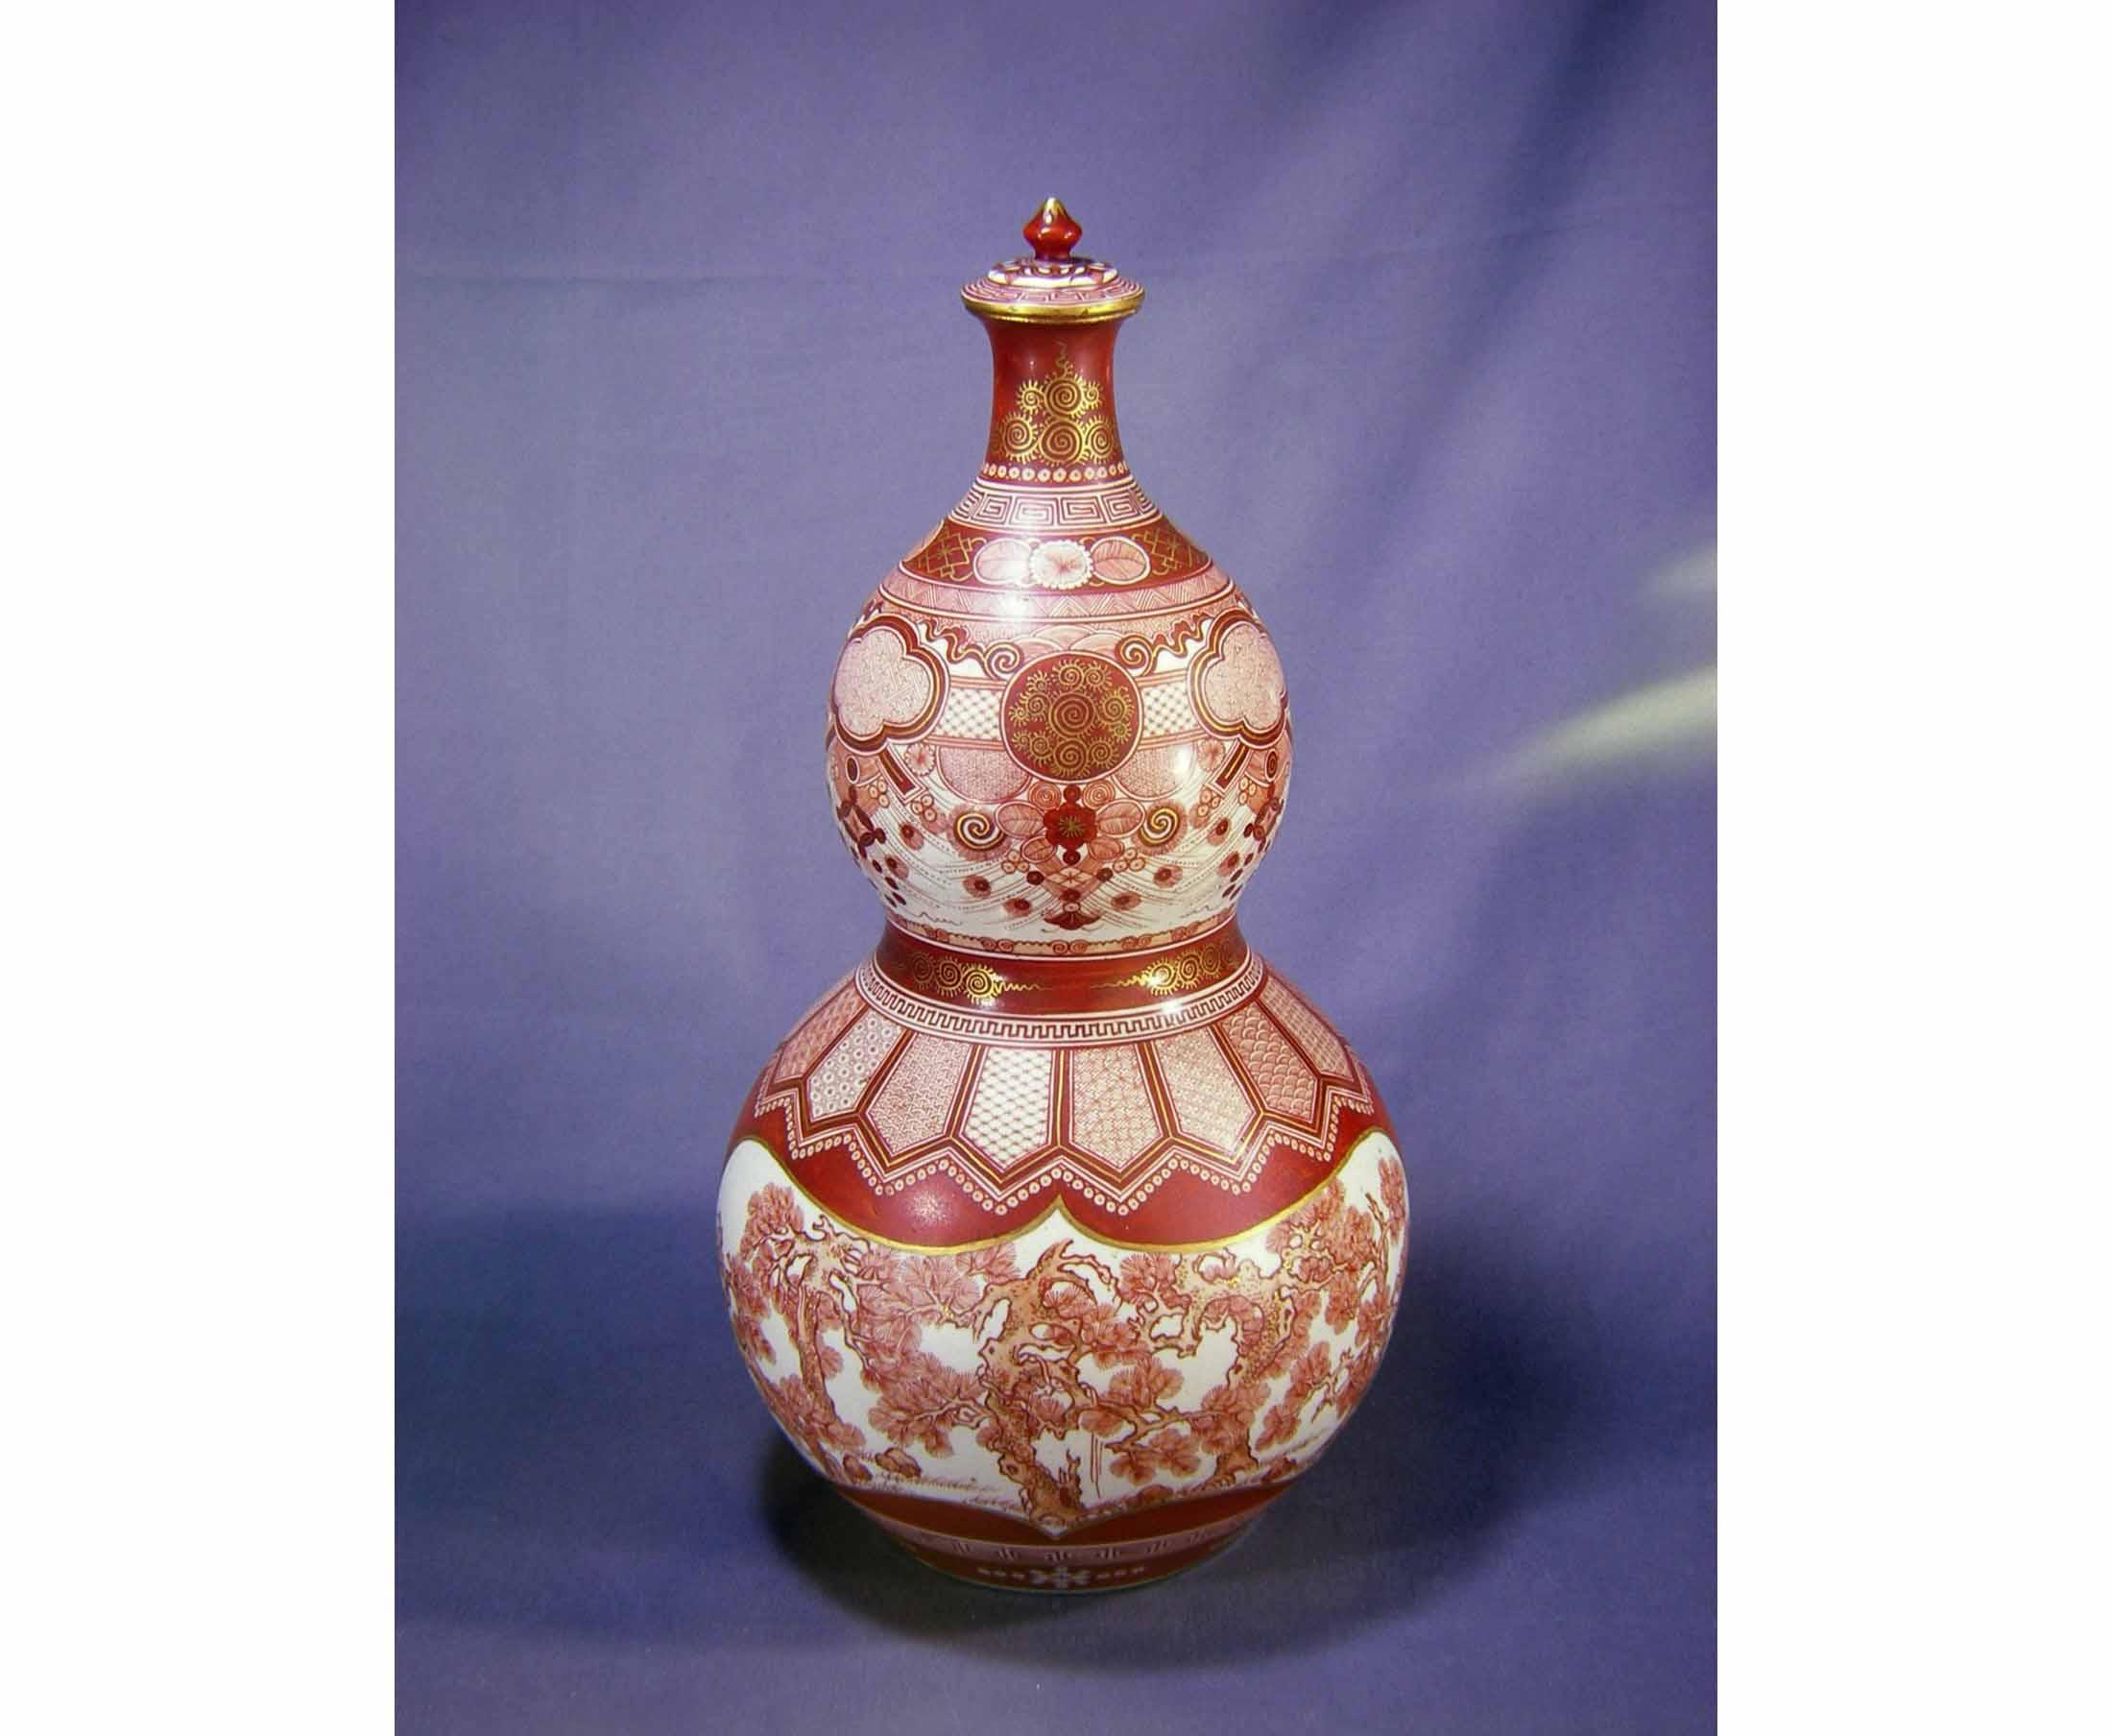 宮本屋窯 赤絵金彩松図瓢形大瓶 (石川県九谷焼美術館 蔵)